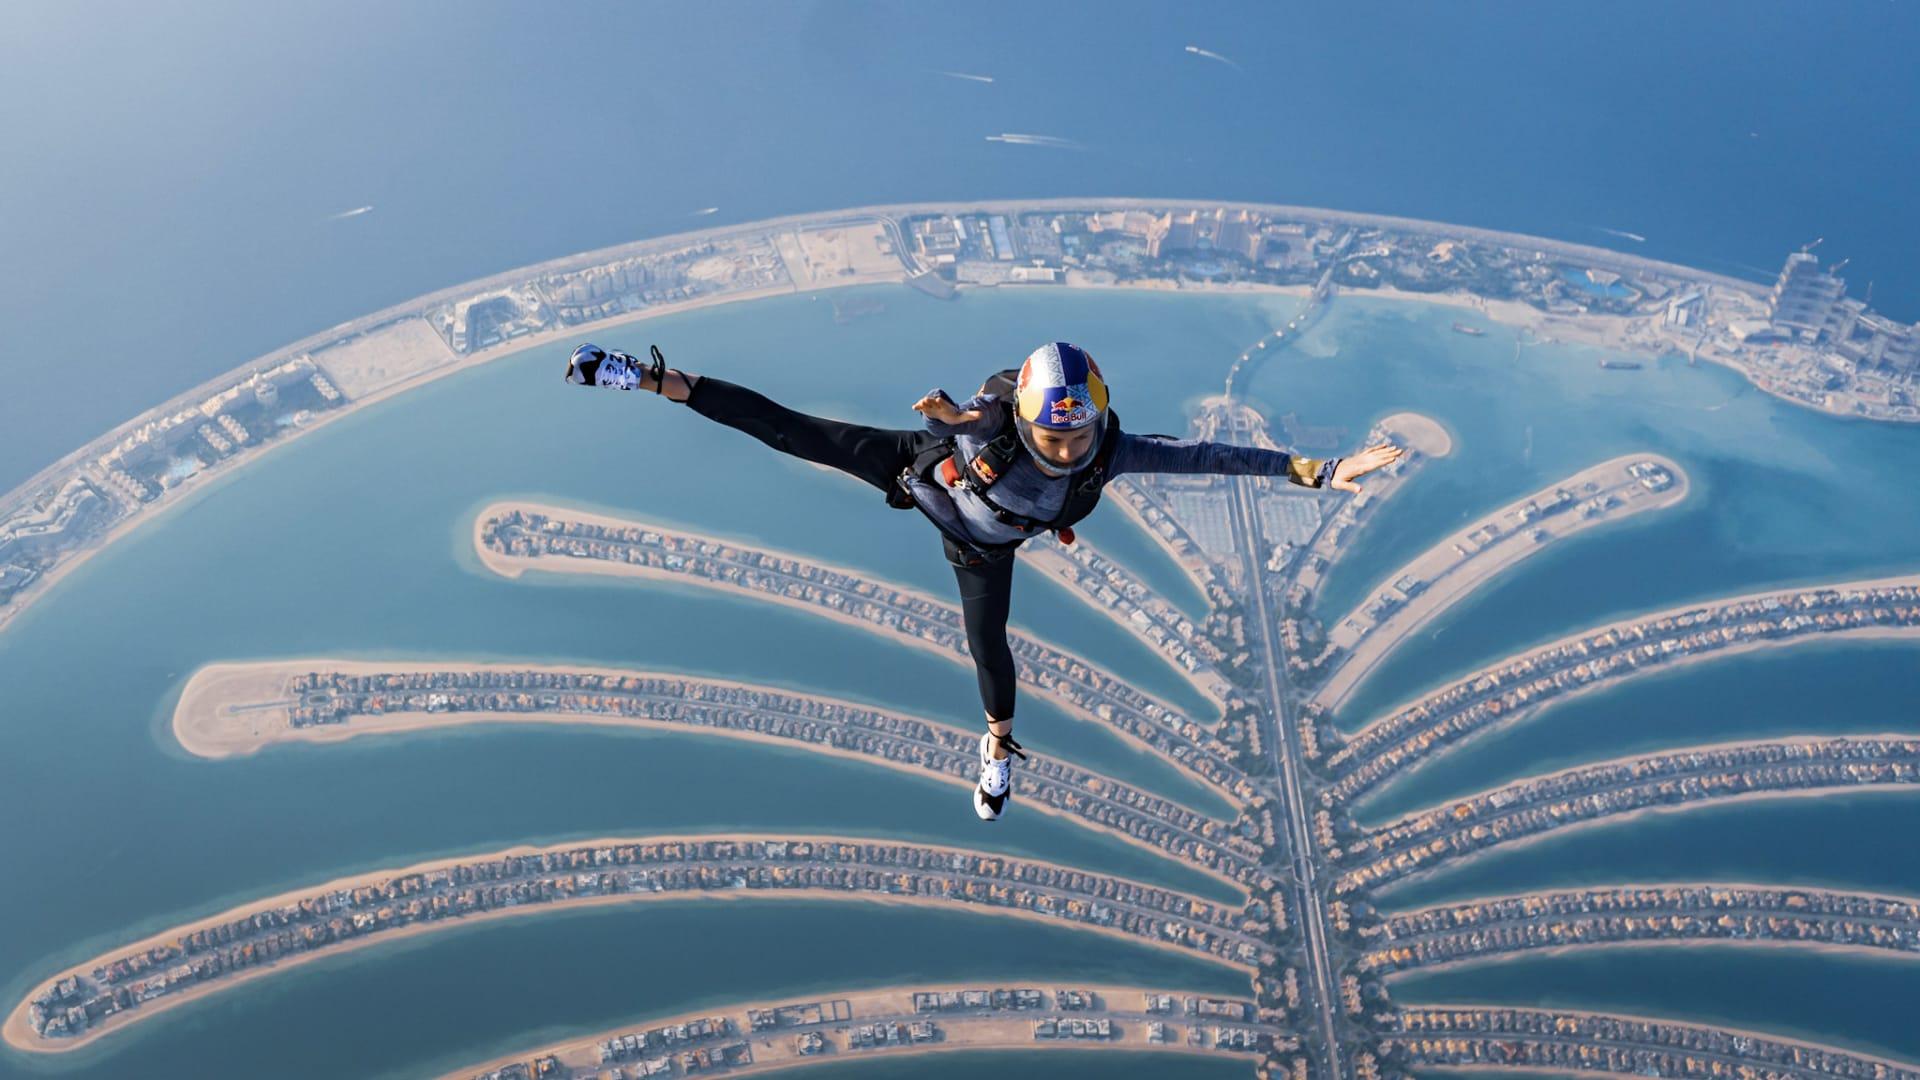 رياضية بولندية تستعرض حركات مثيرة خلال تجربة القفز المظلي الحر